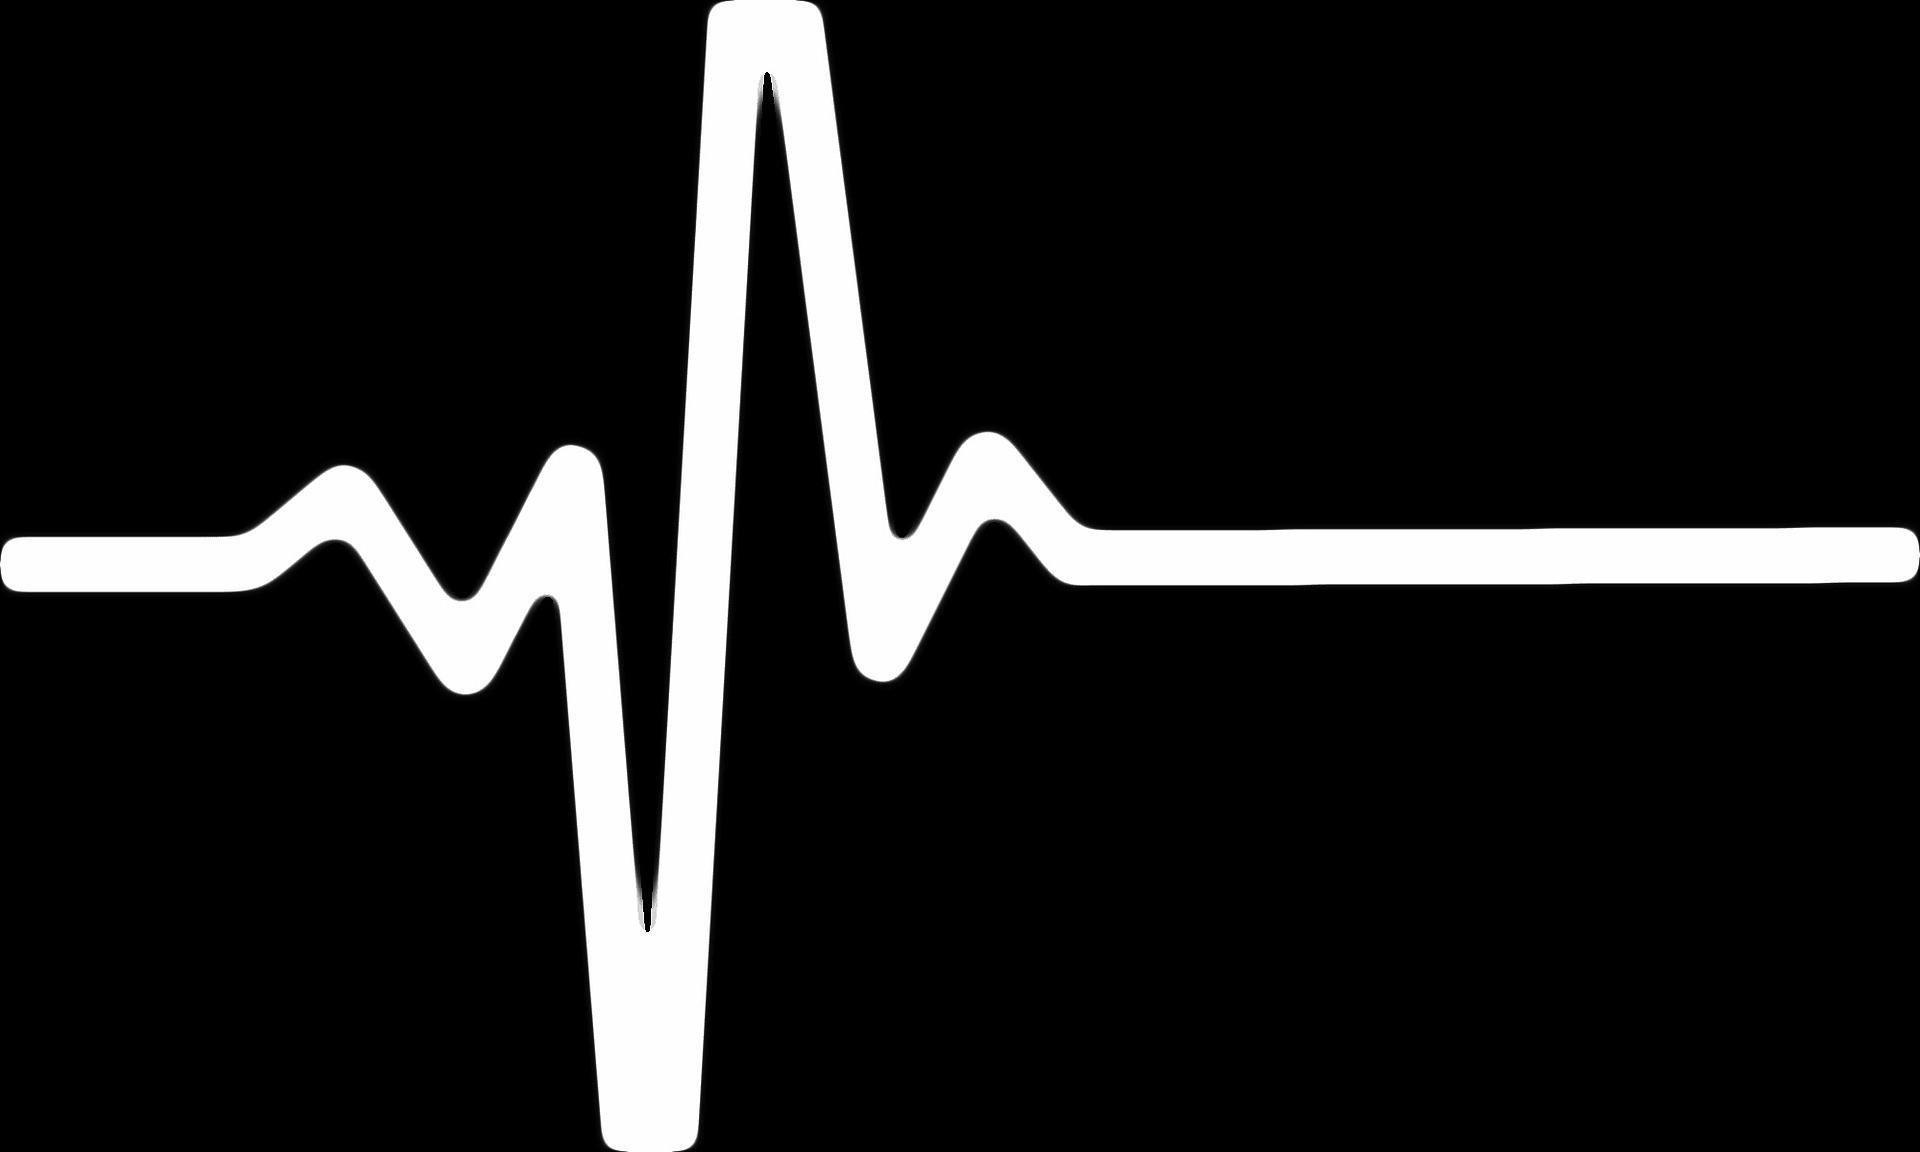 heart-665187-1920.jpg